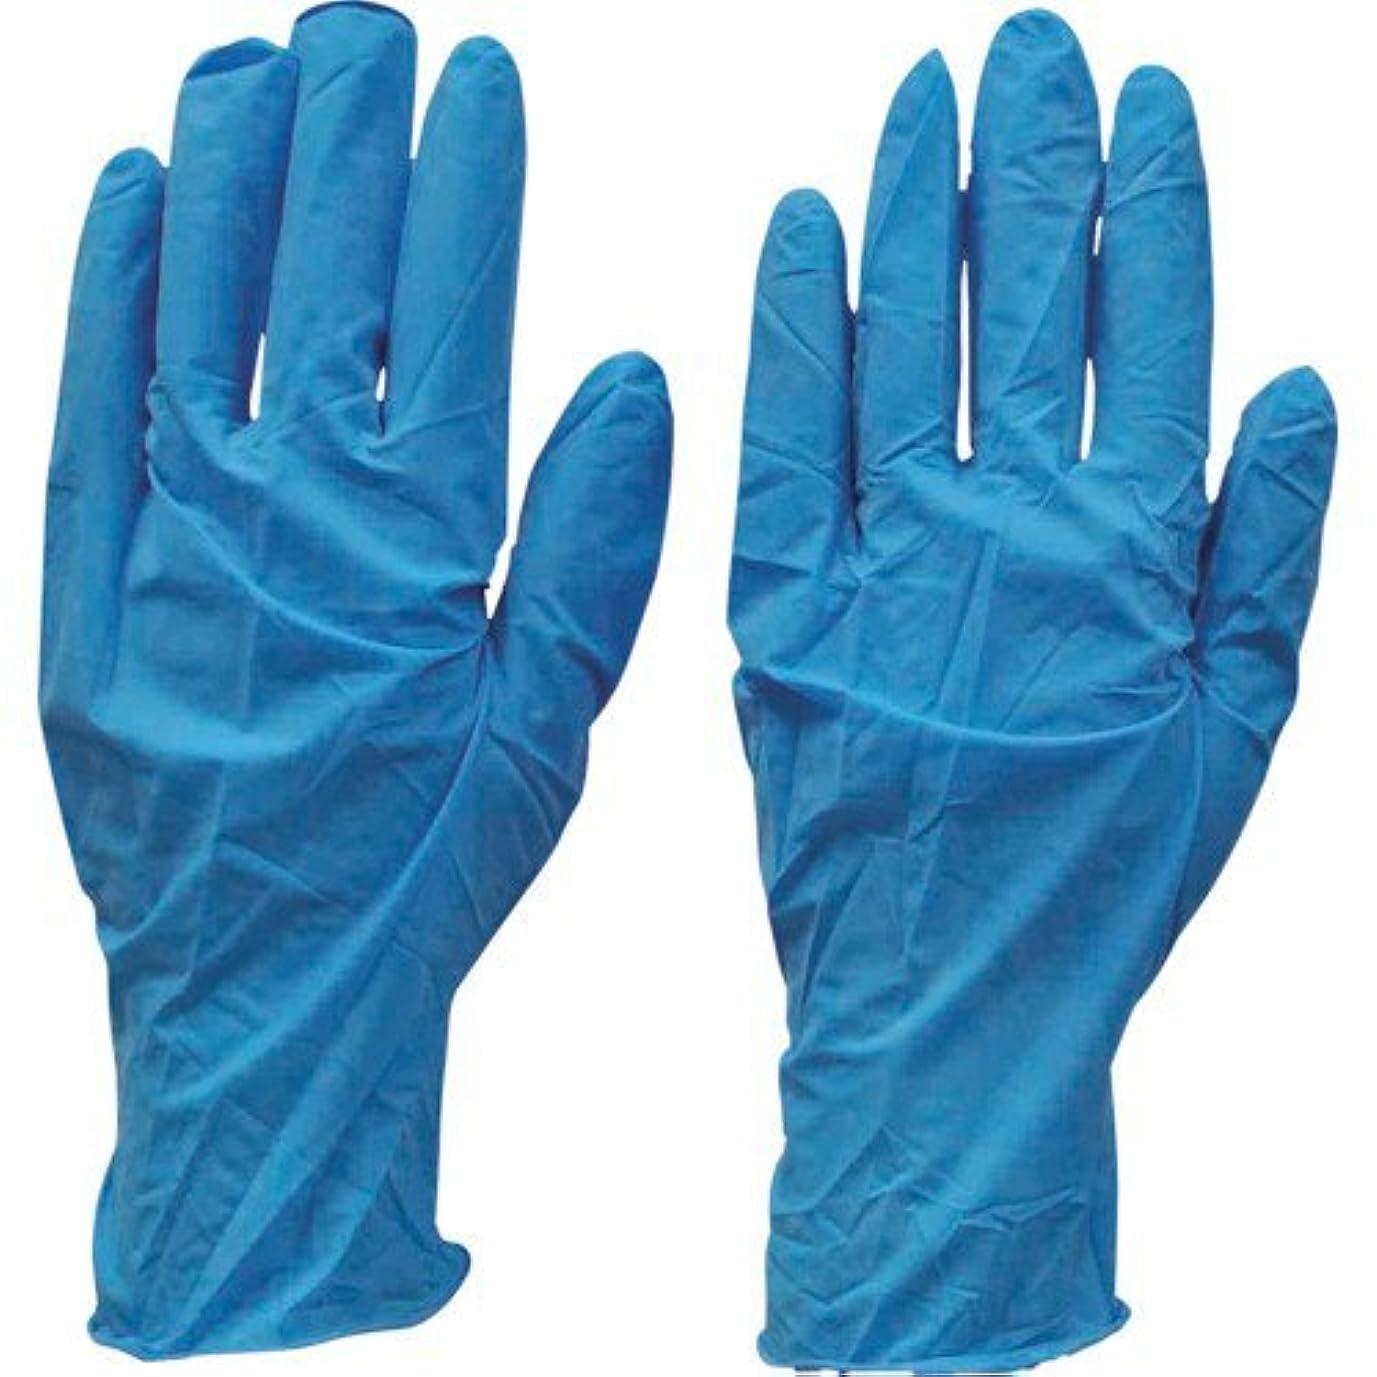 発見ヒューム専門知識ダンロップ N-211 天然ゴム極うす手袋100枚入 Lブルー N211LB